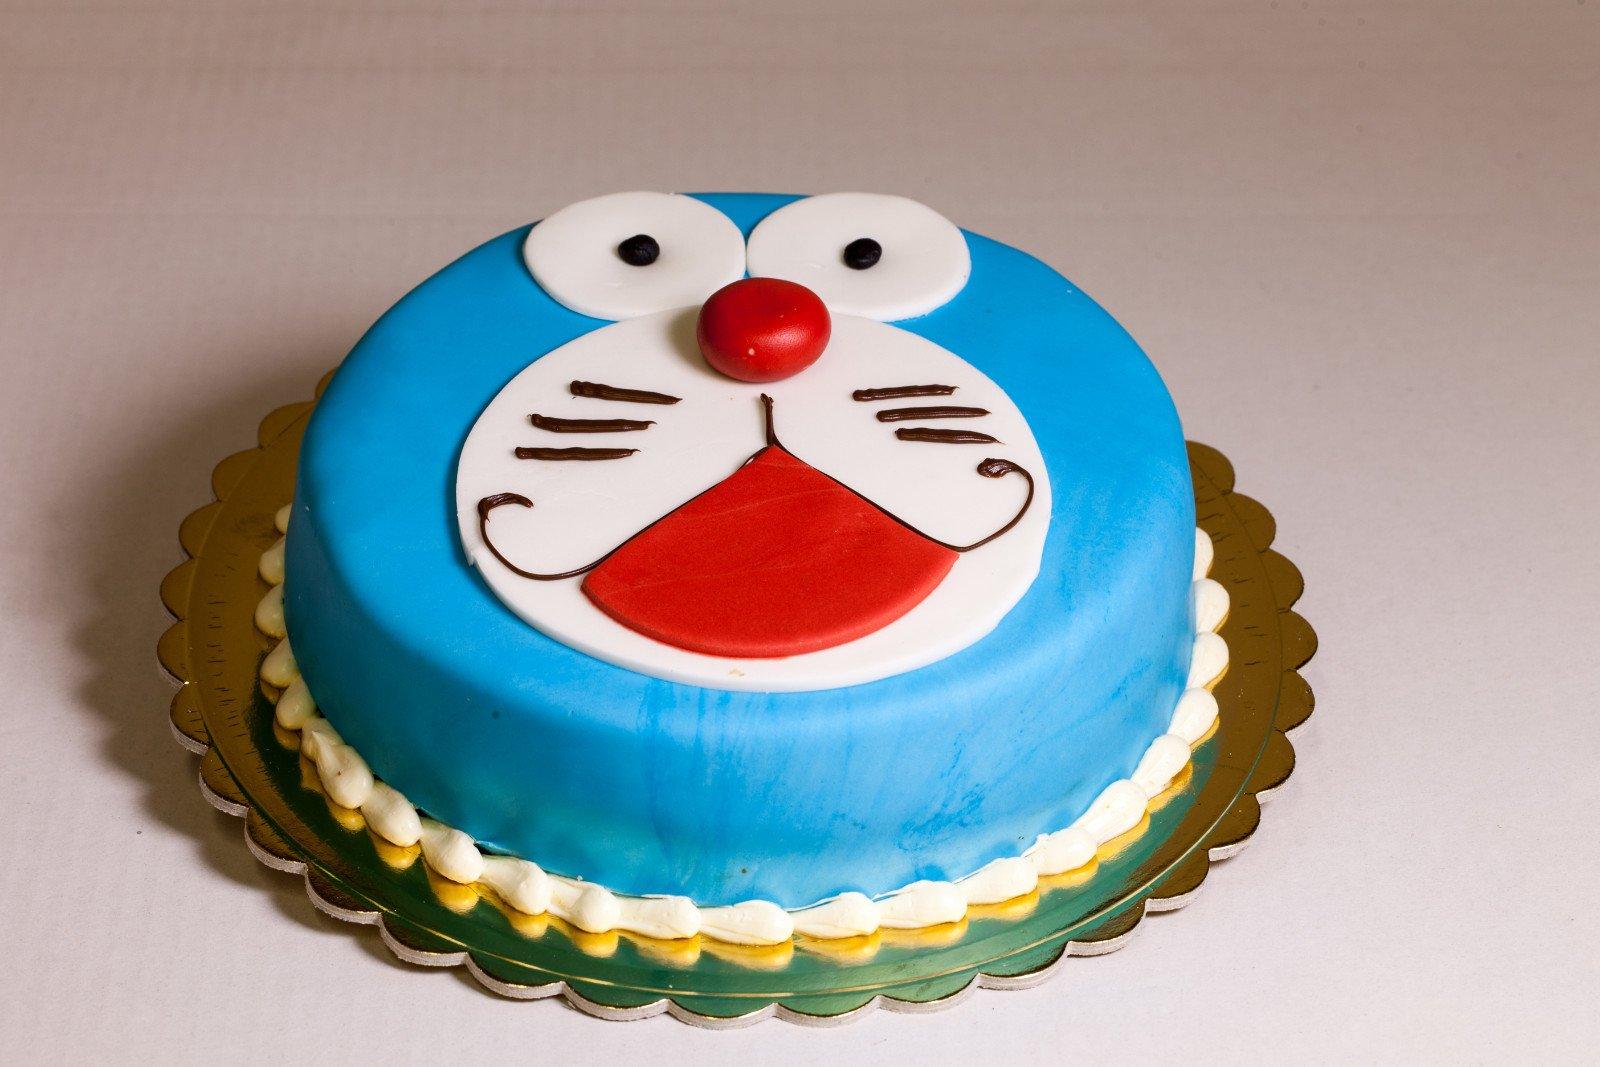 Torta con faccia di Doraemon